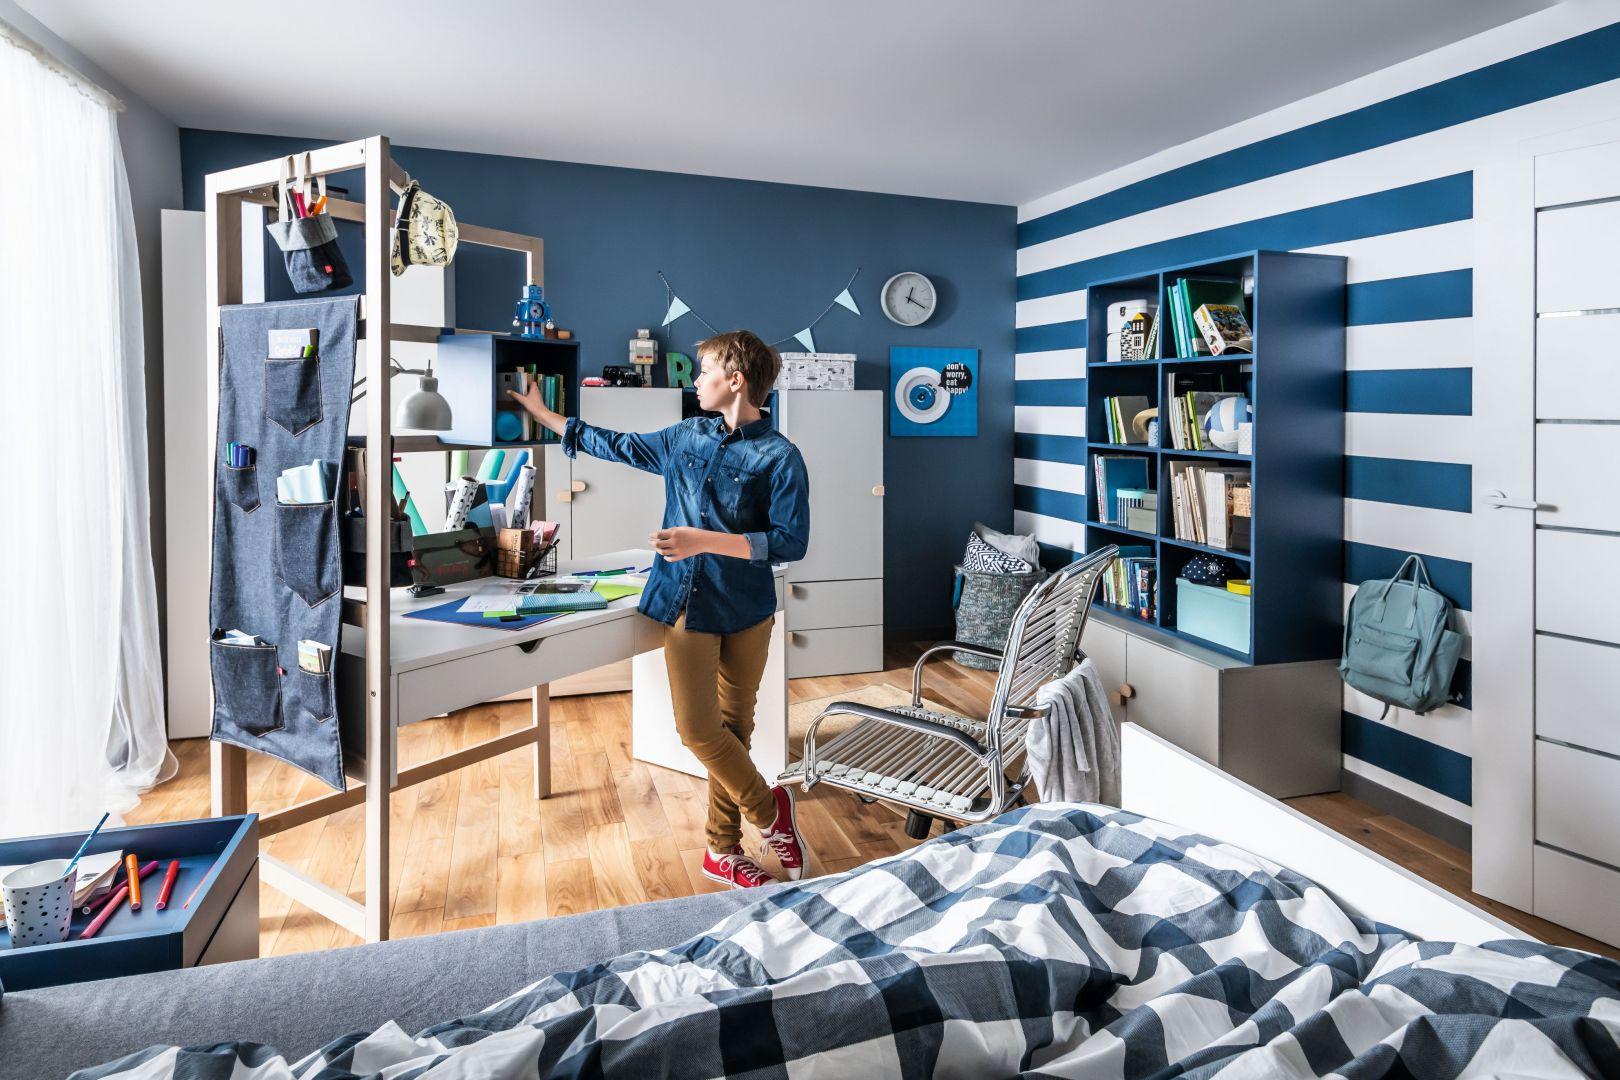 Kolekcja modułowych mebli Stige umożliwia dzieciom budowanie pierwszego, w pełni dopasowanego do nich miejsca. Drabinka będąca elementem konstrukcyjnym biurka może służyć do zawieszania jeansowych organizerów, tablic oraz skrzynek. Fot. Vox